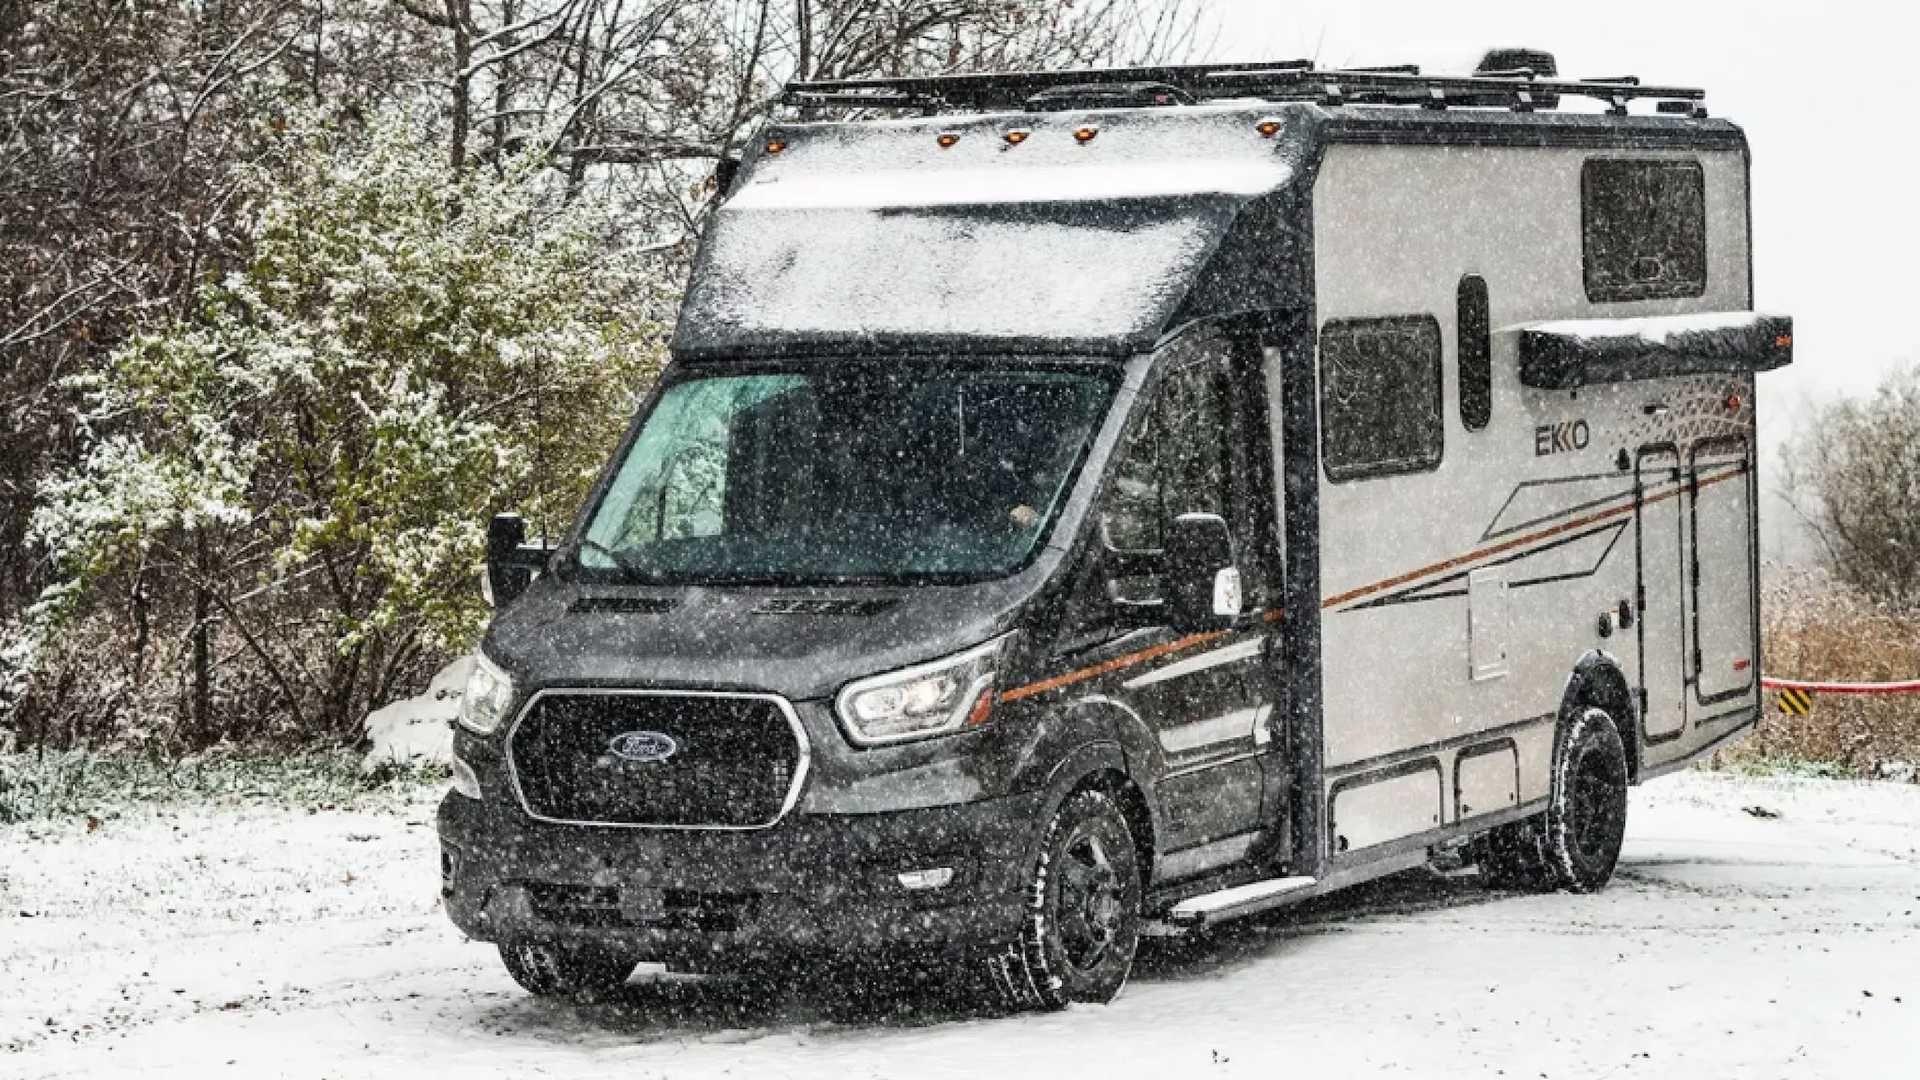 The Winnebago Ekko Is A Camper Van Made For Winter Ford Transit Class B Camper Van Winnebago